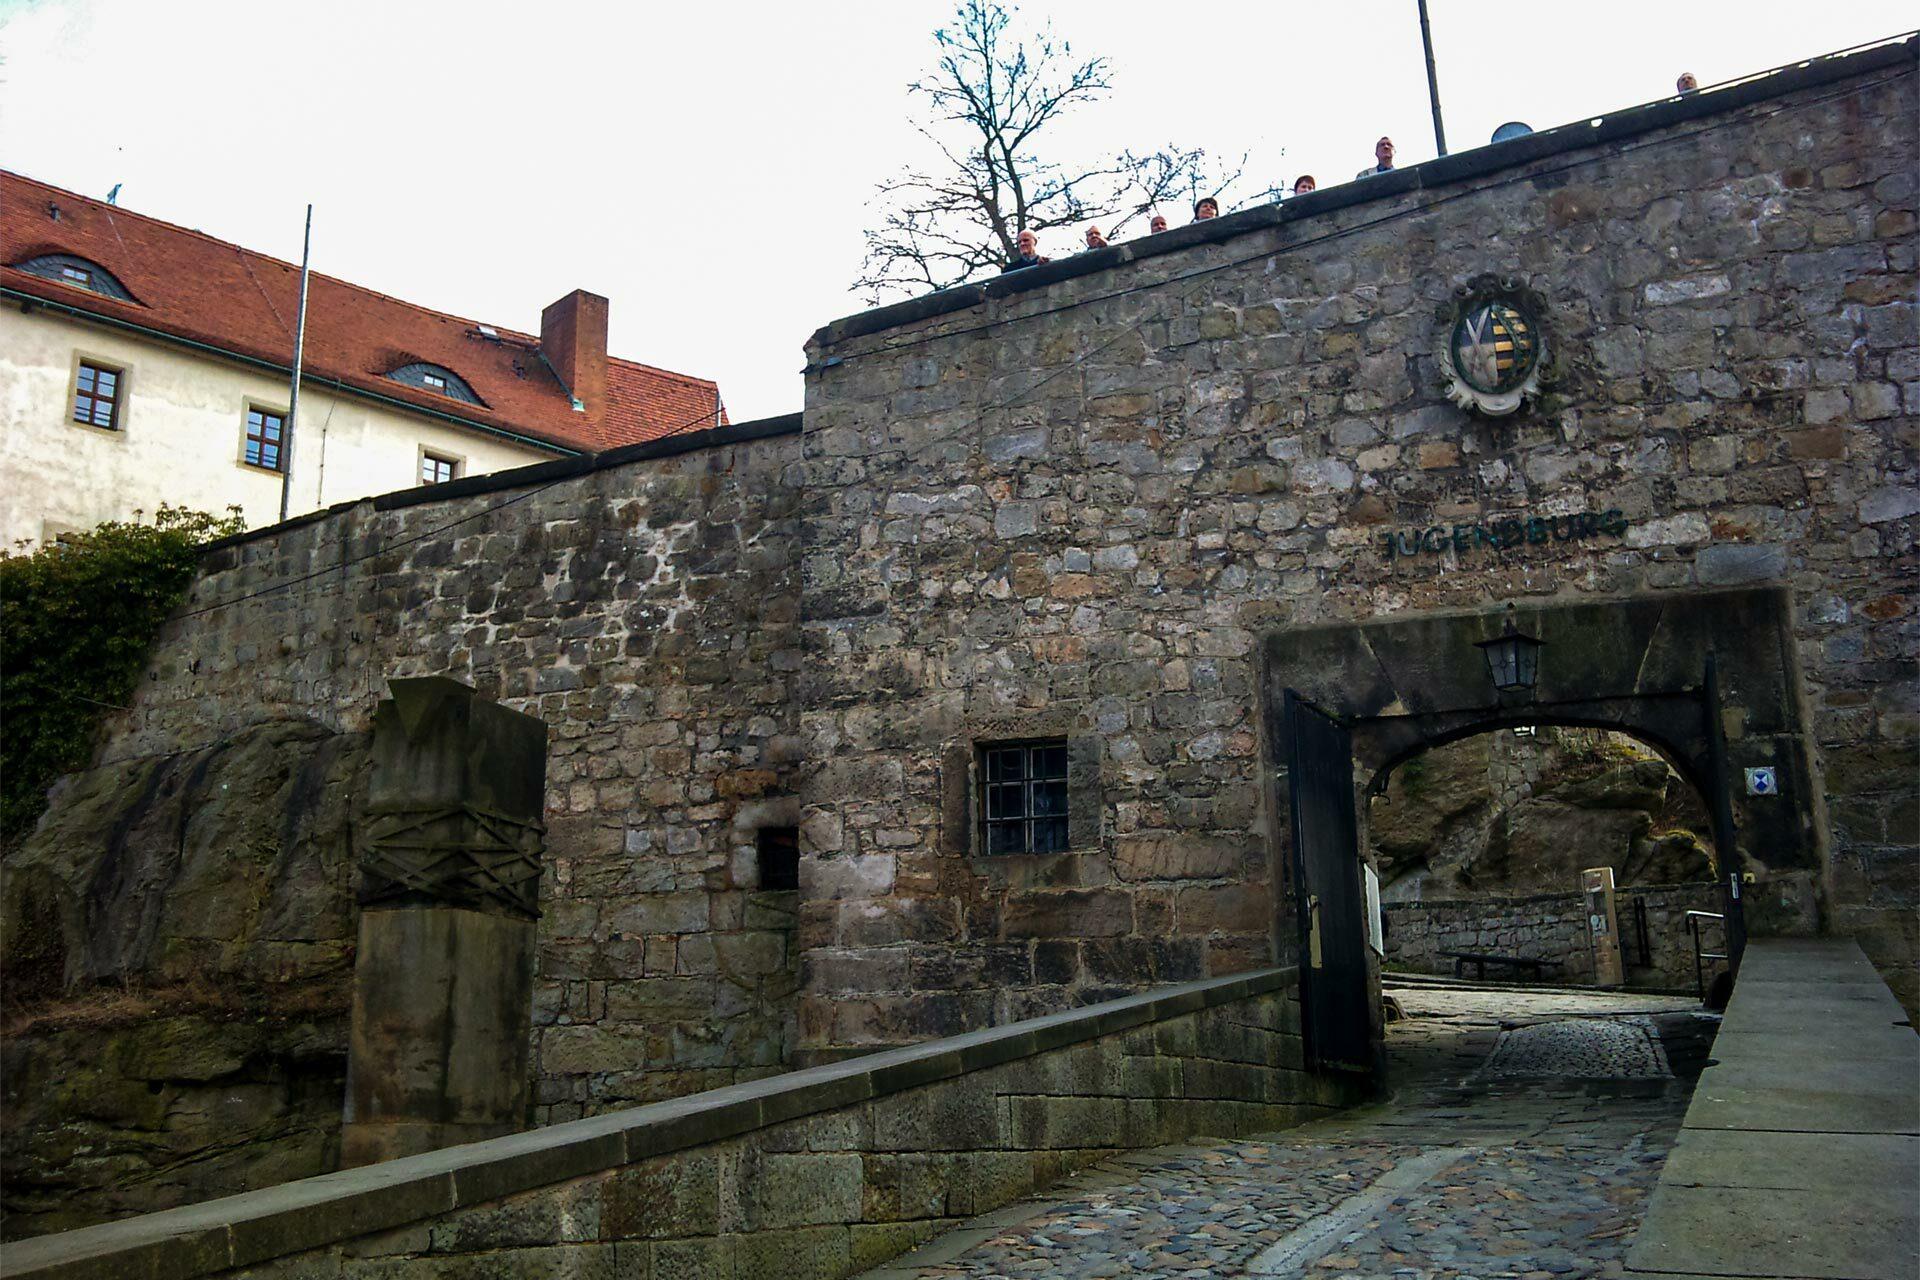 Durch den Schindergraben am Bärenzwinger vorbei geht es hinauf zur Burg Hohnstein, die gerade im Frühling immer mal wieder durch die Baumkronen blinkt.